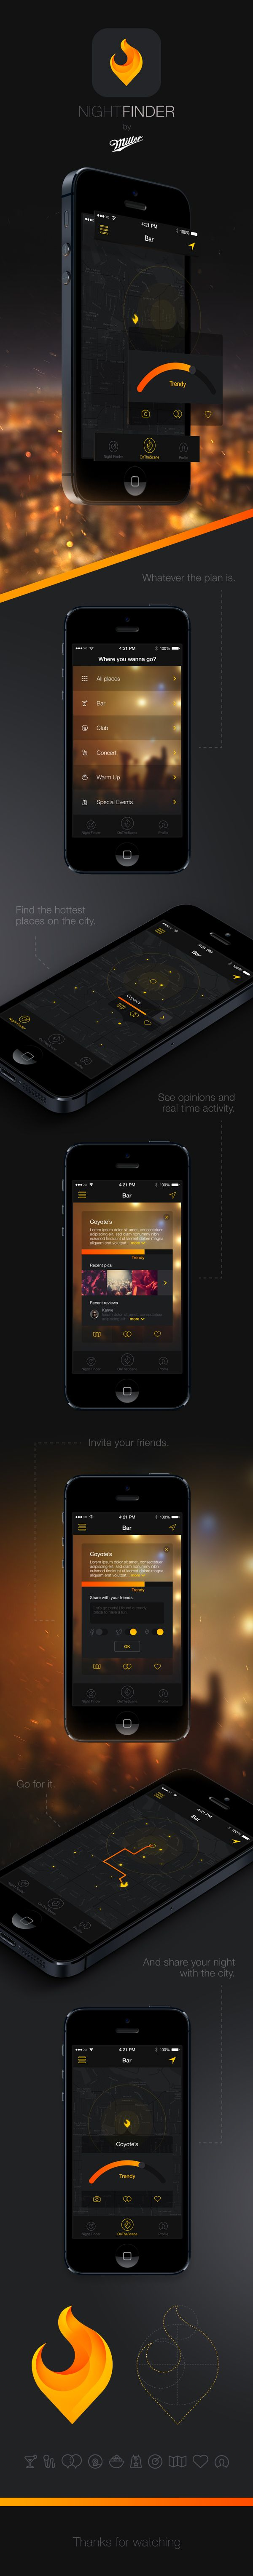 Night Finder App by Mario Sifuentes, via Behance